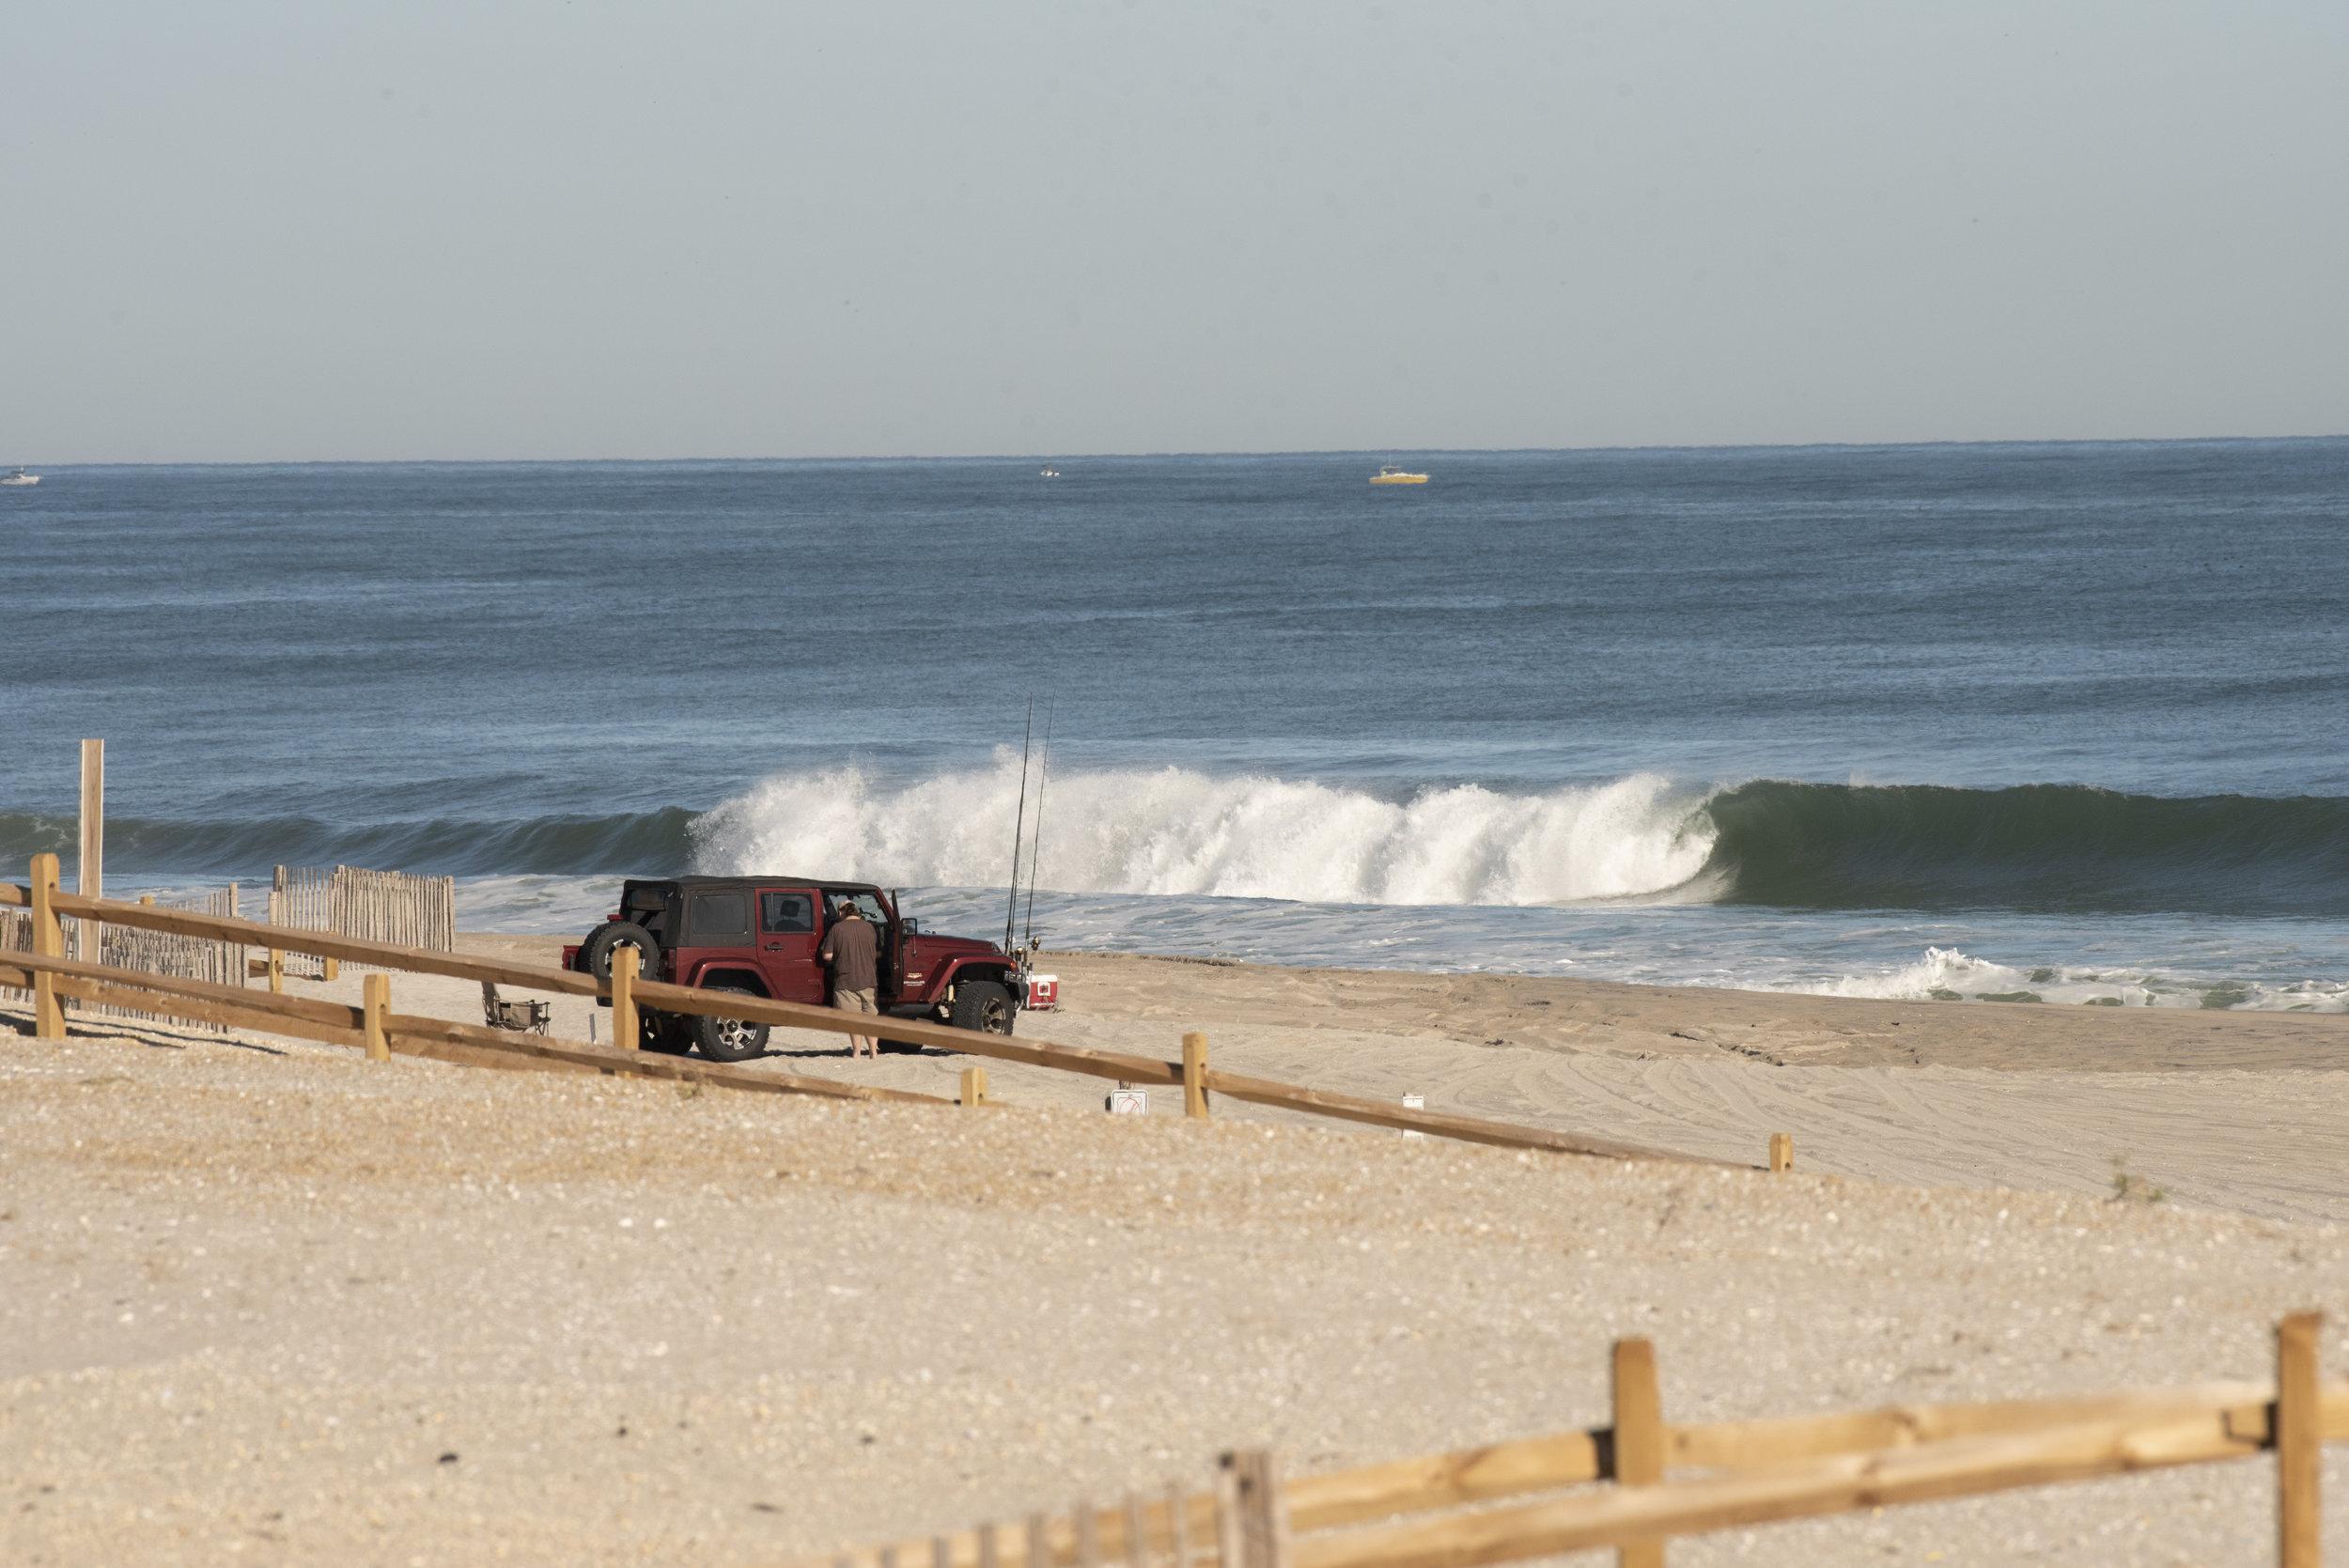 fishing-the-lbi-surf-via-4x4